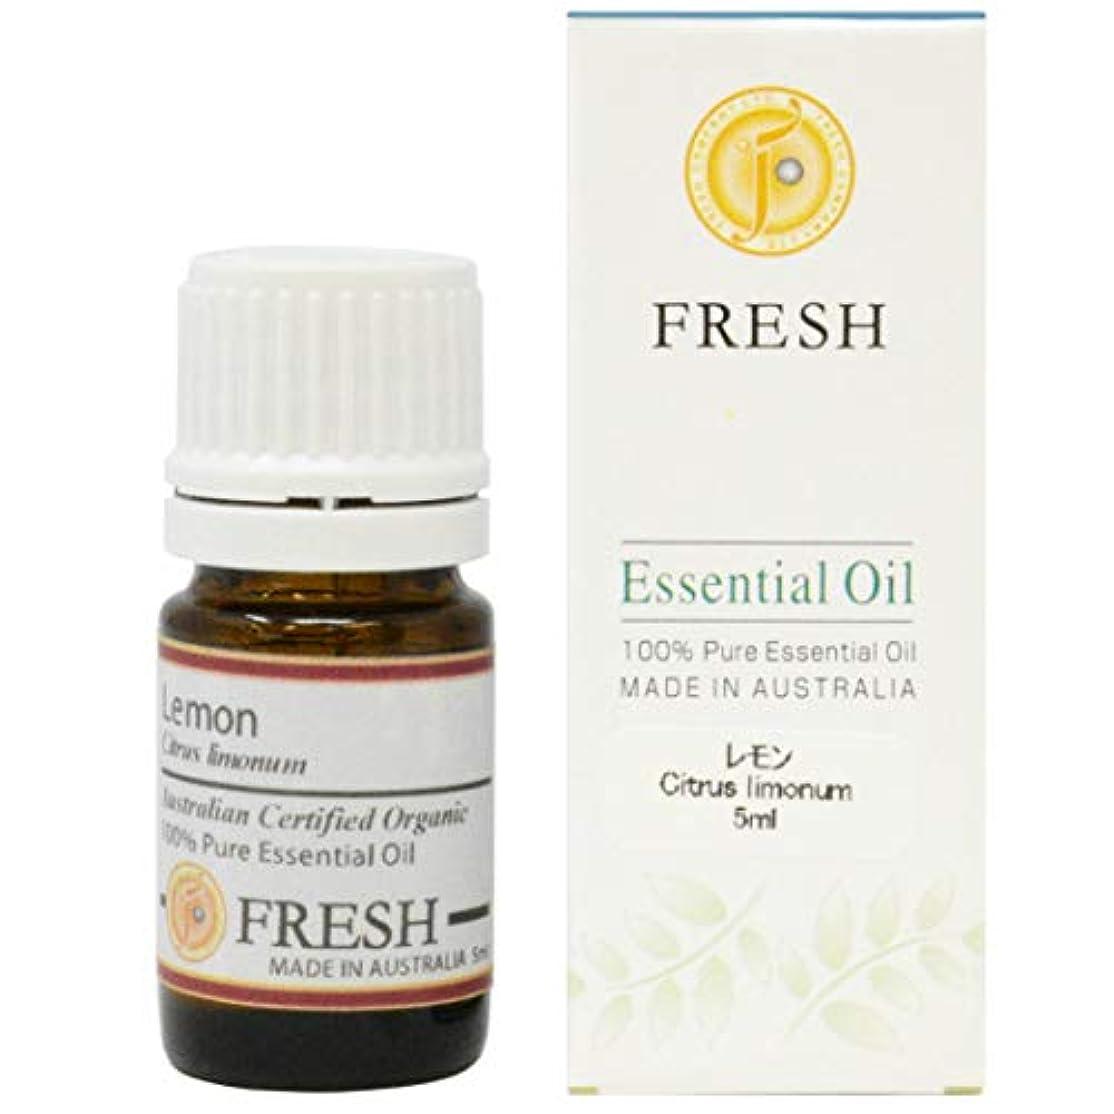 圧縮するあなたが良くなりますアートFRESH オーガニック エッセンシャルオイル レモン 5ml (FRESH 精油)